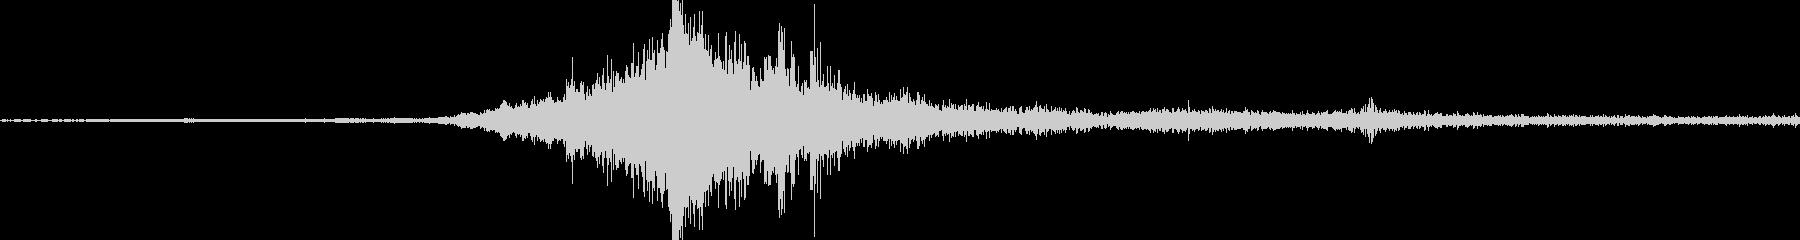 バイノーラル録音戦闘機6の未再生の波形